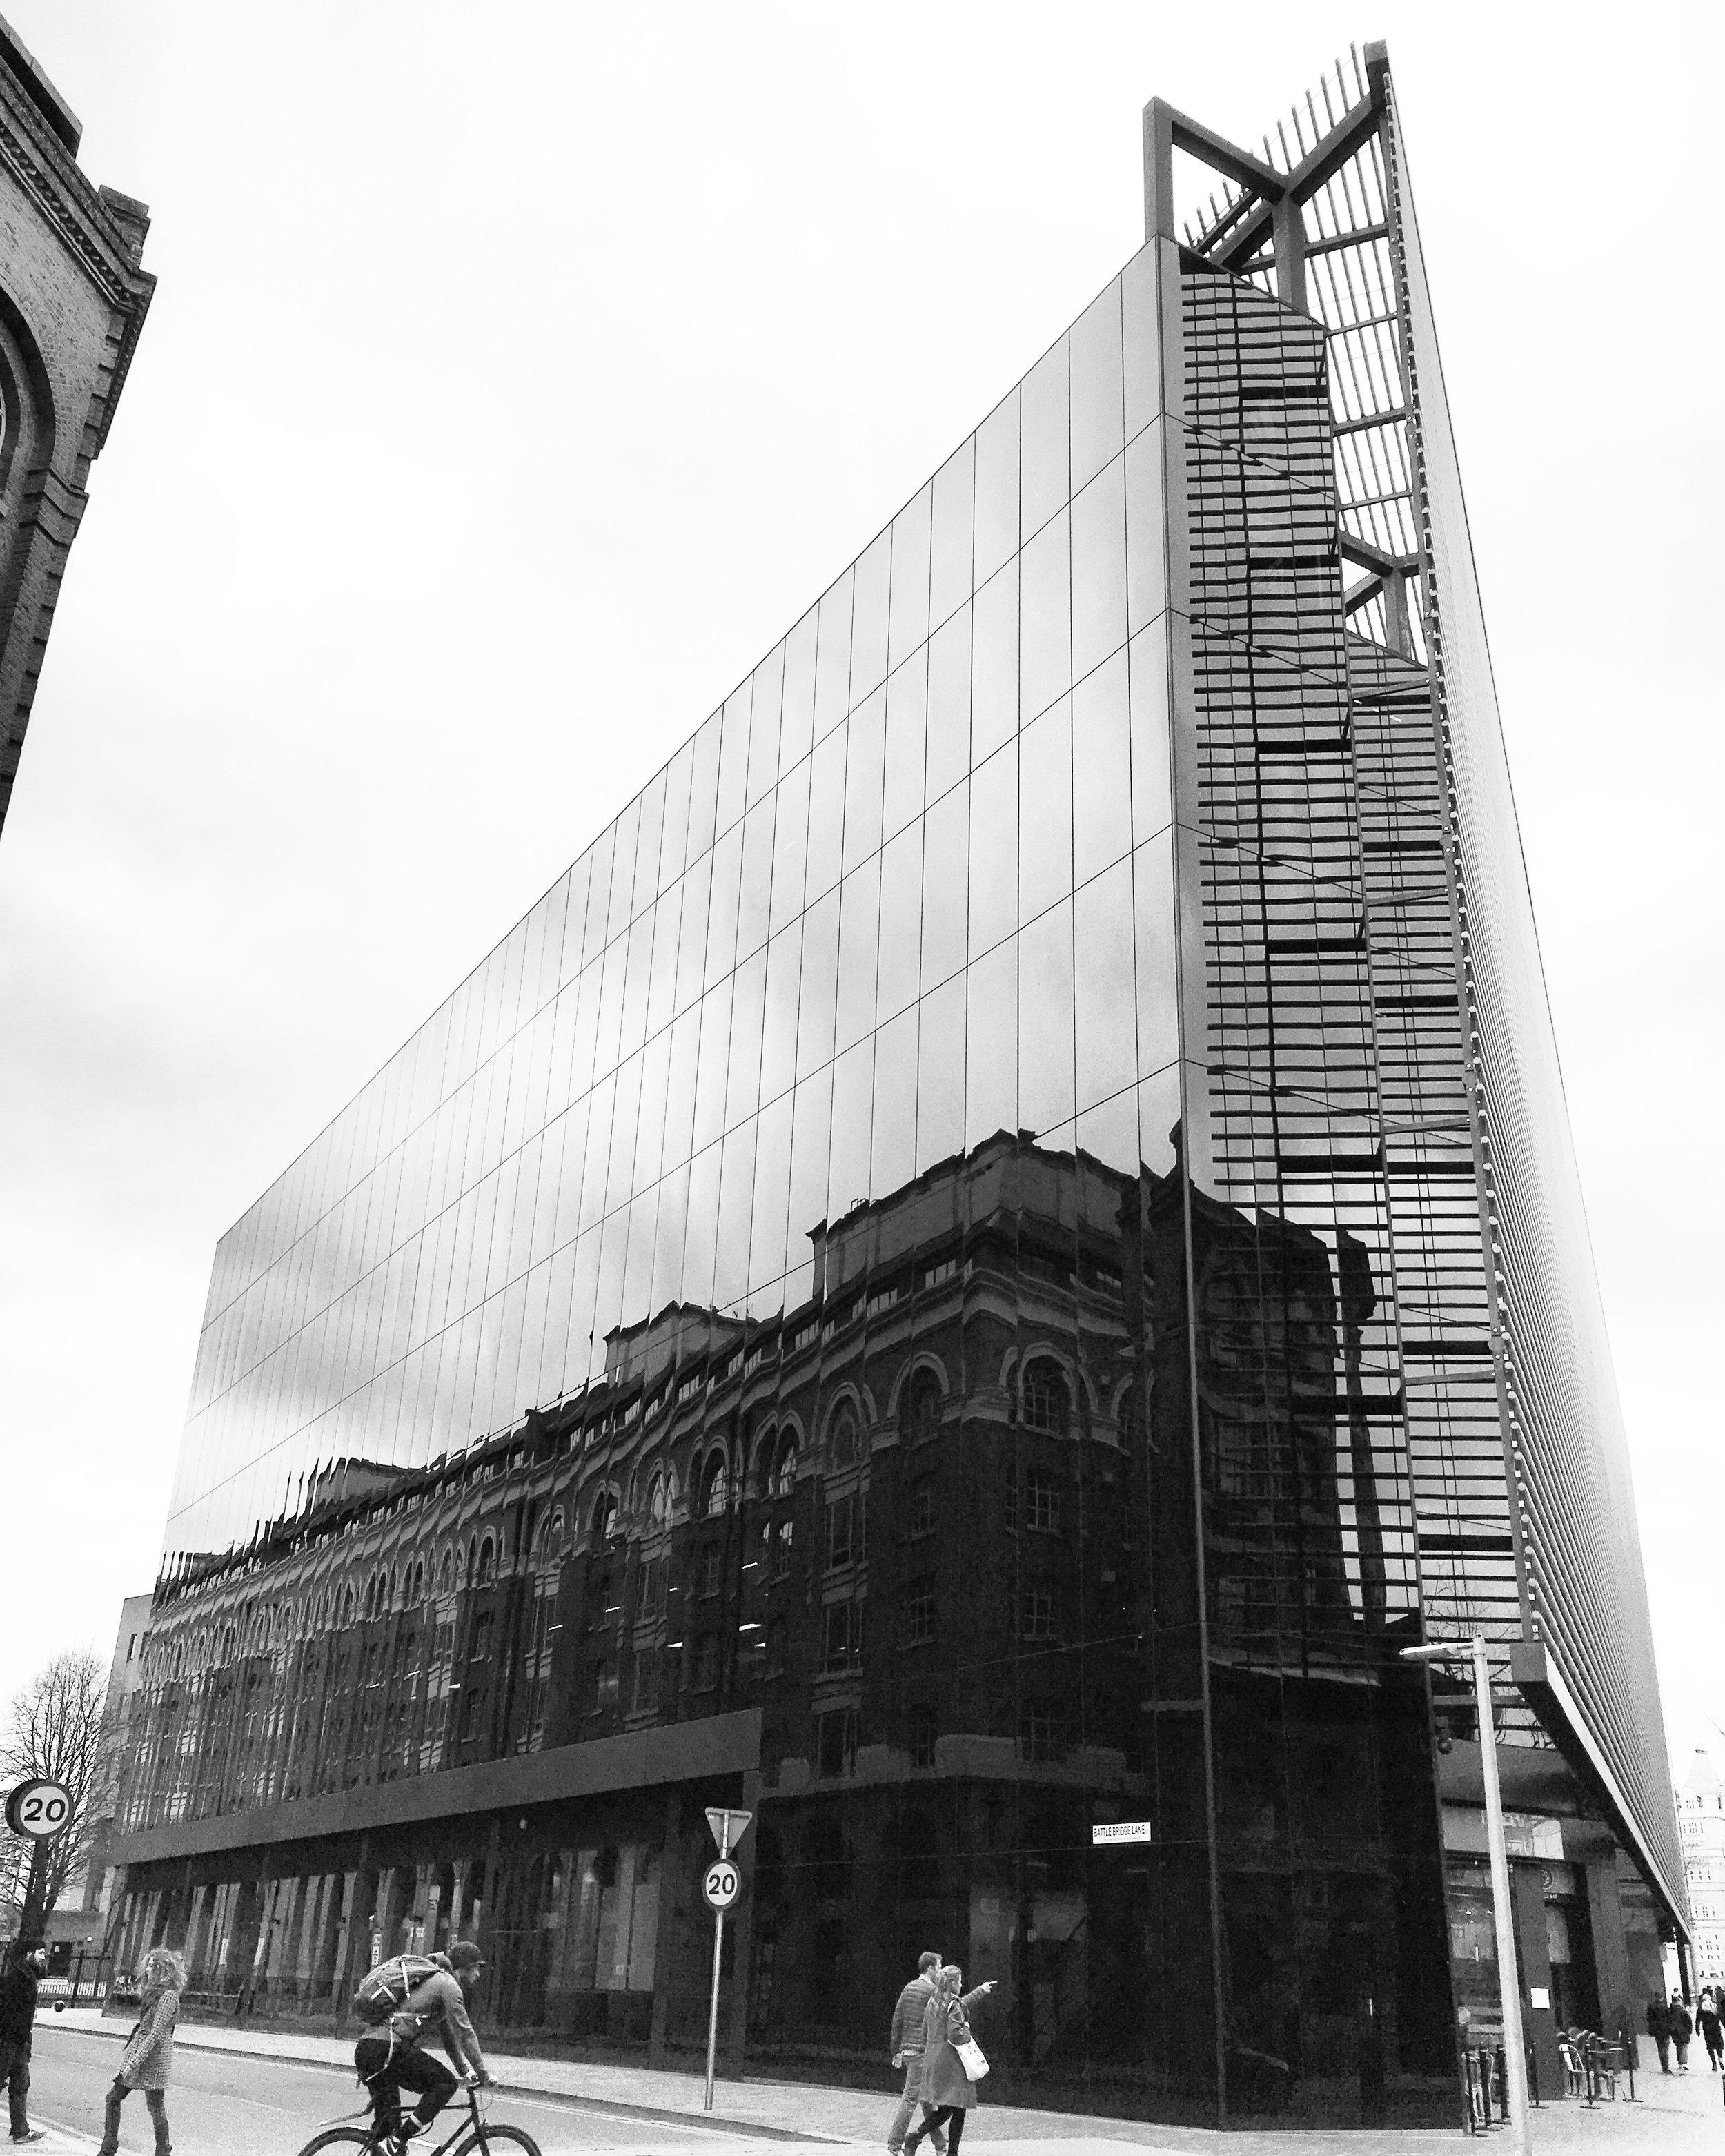 New vs. Old - London